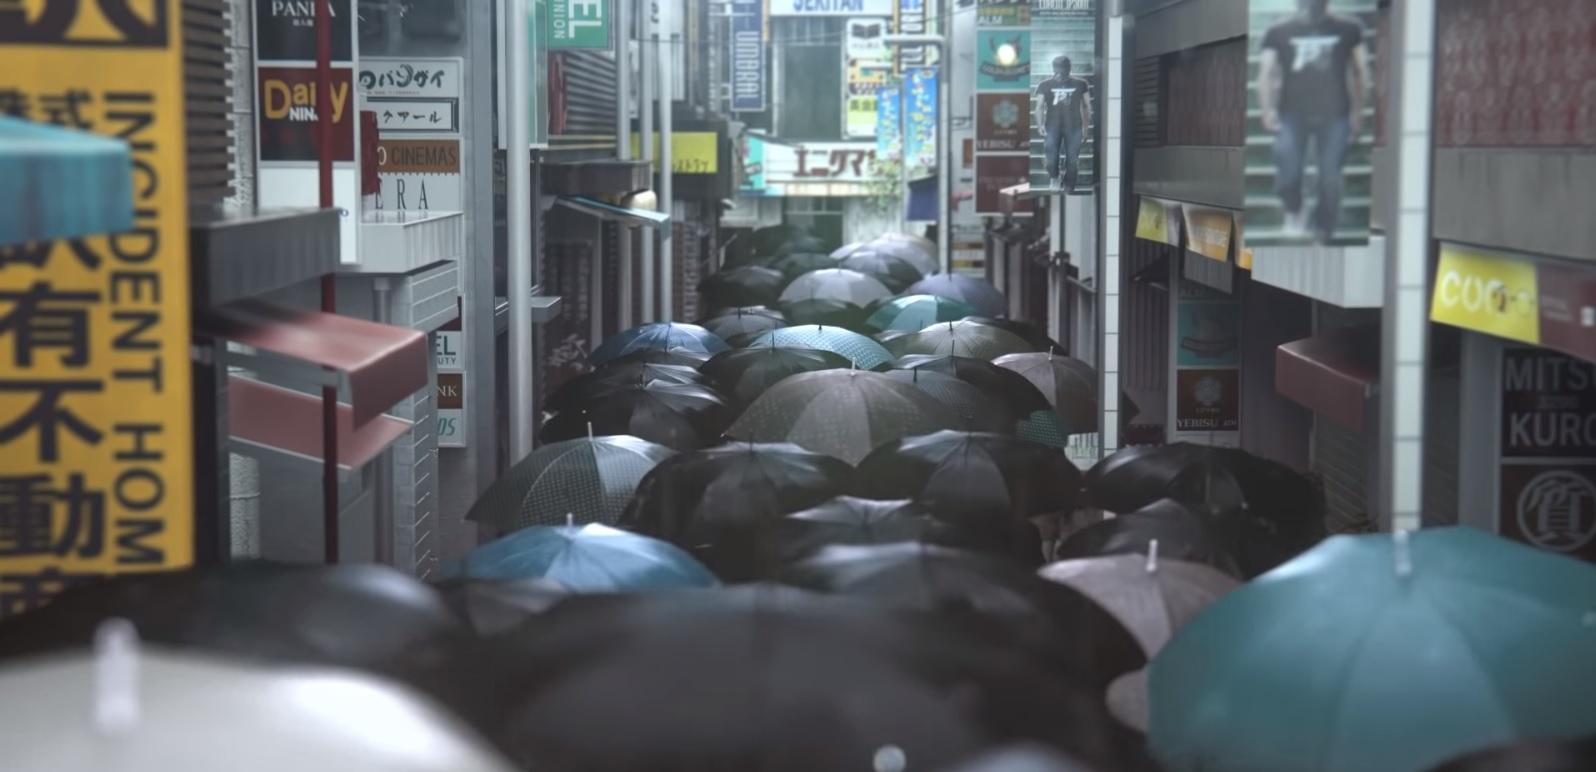 ghostwire tokyo trailer